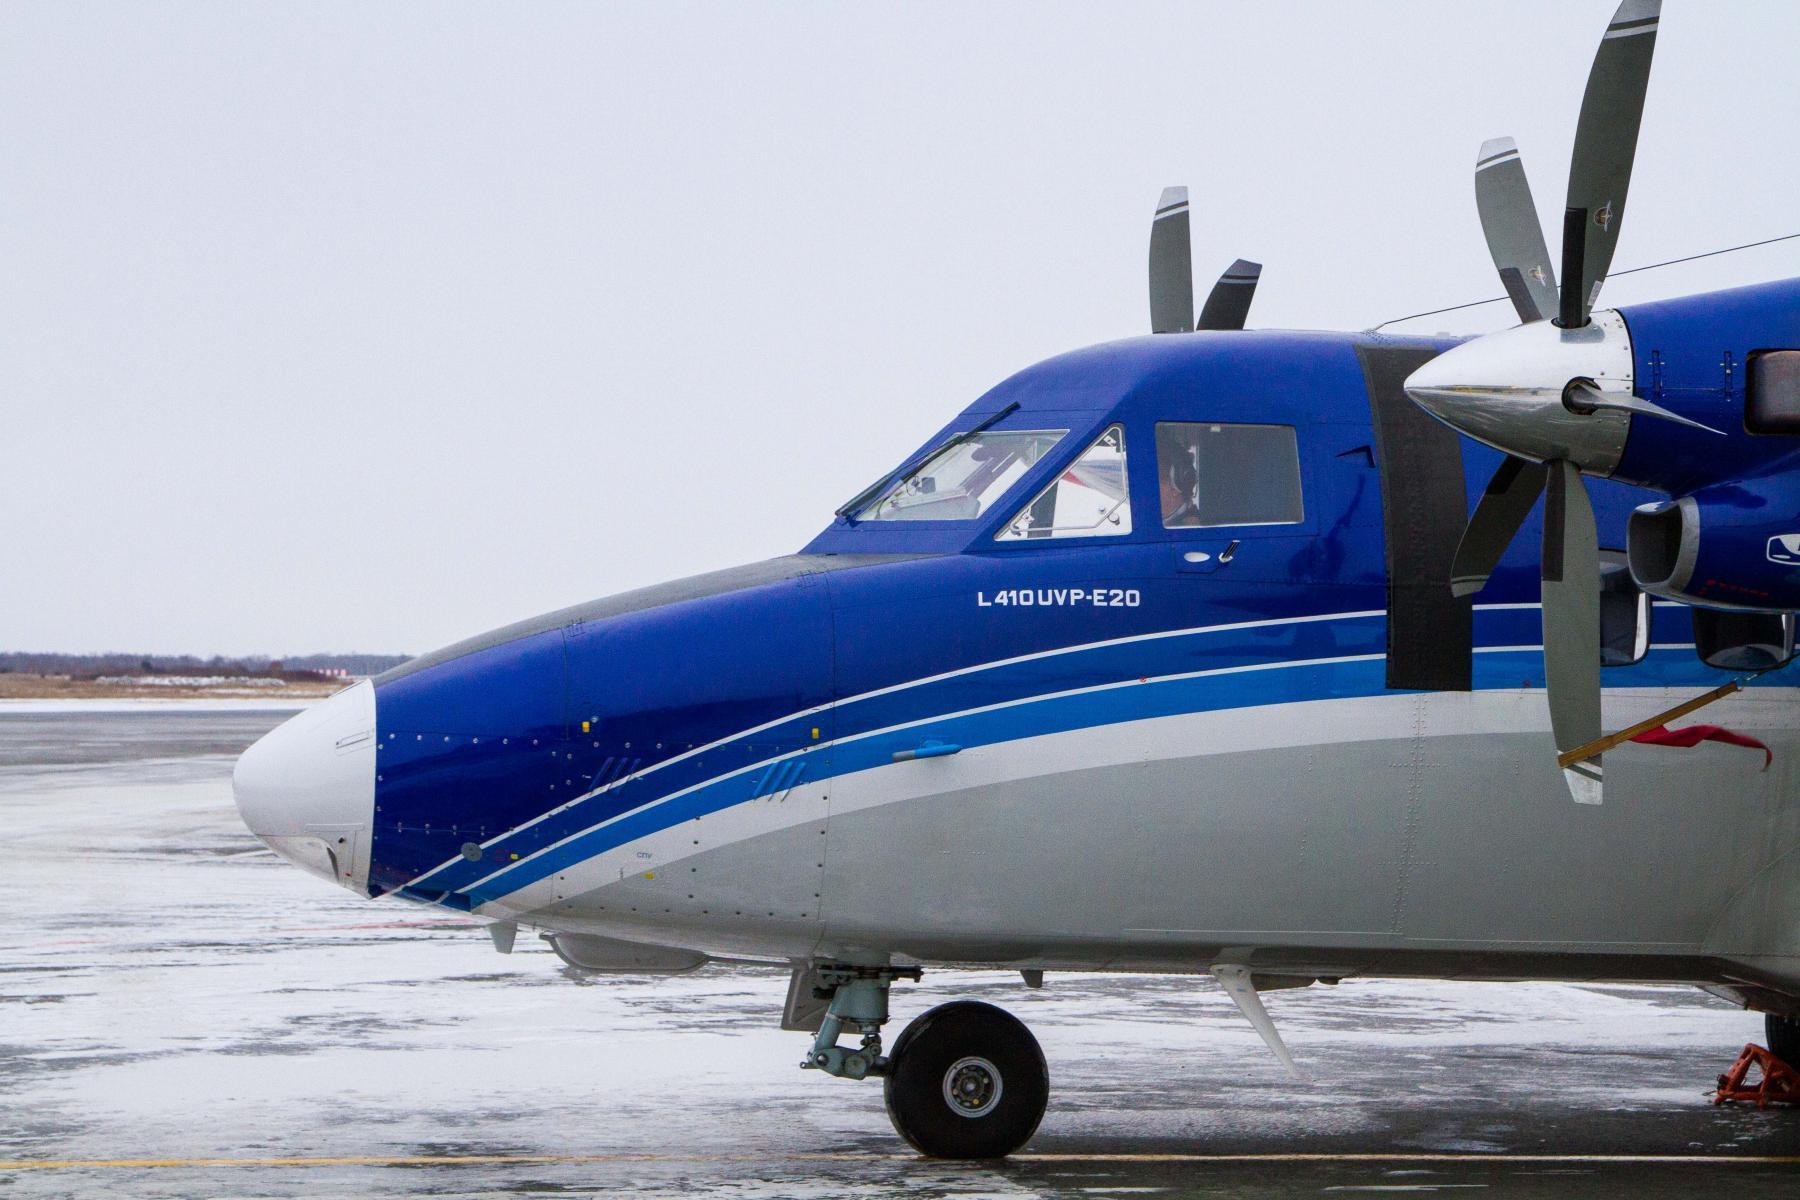 фото Полетят на курорт: в Сибири открывается авиасообщение с Белокурихой 2